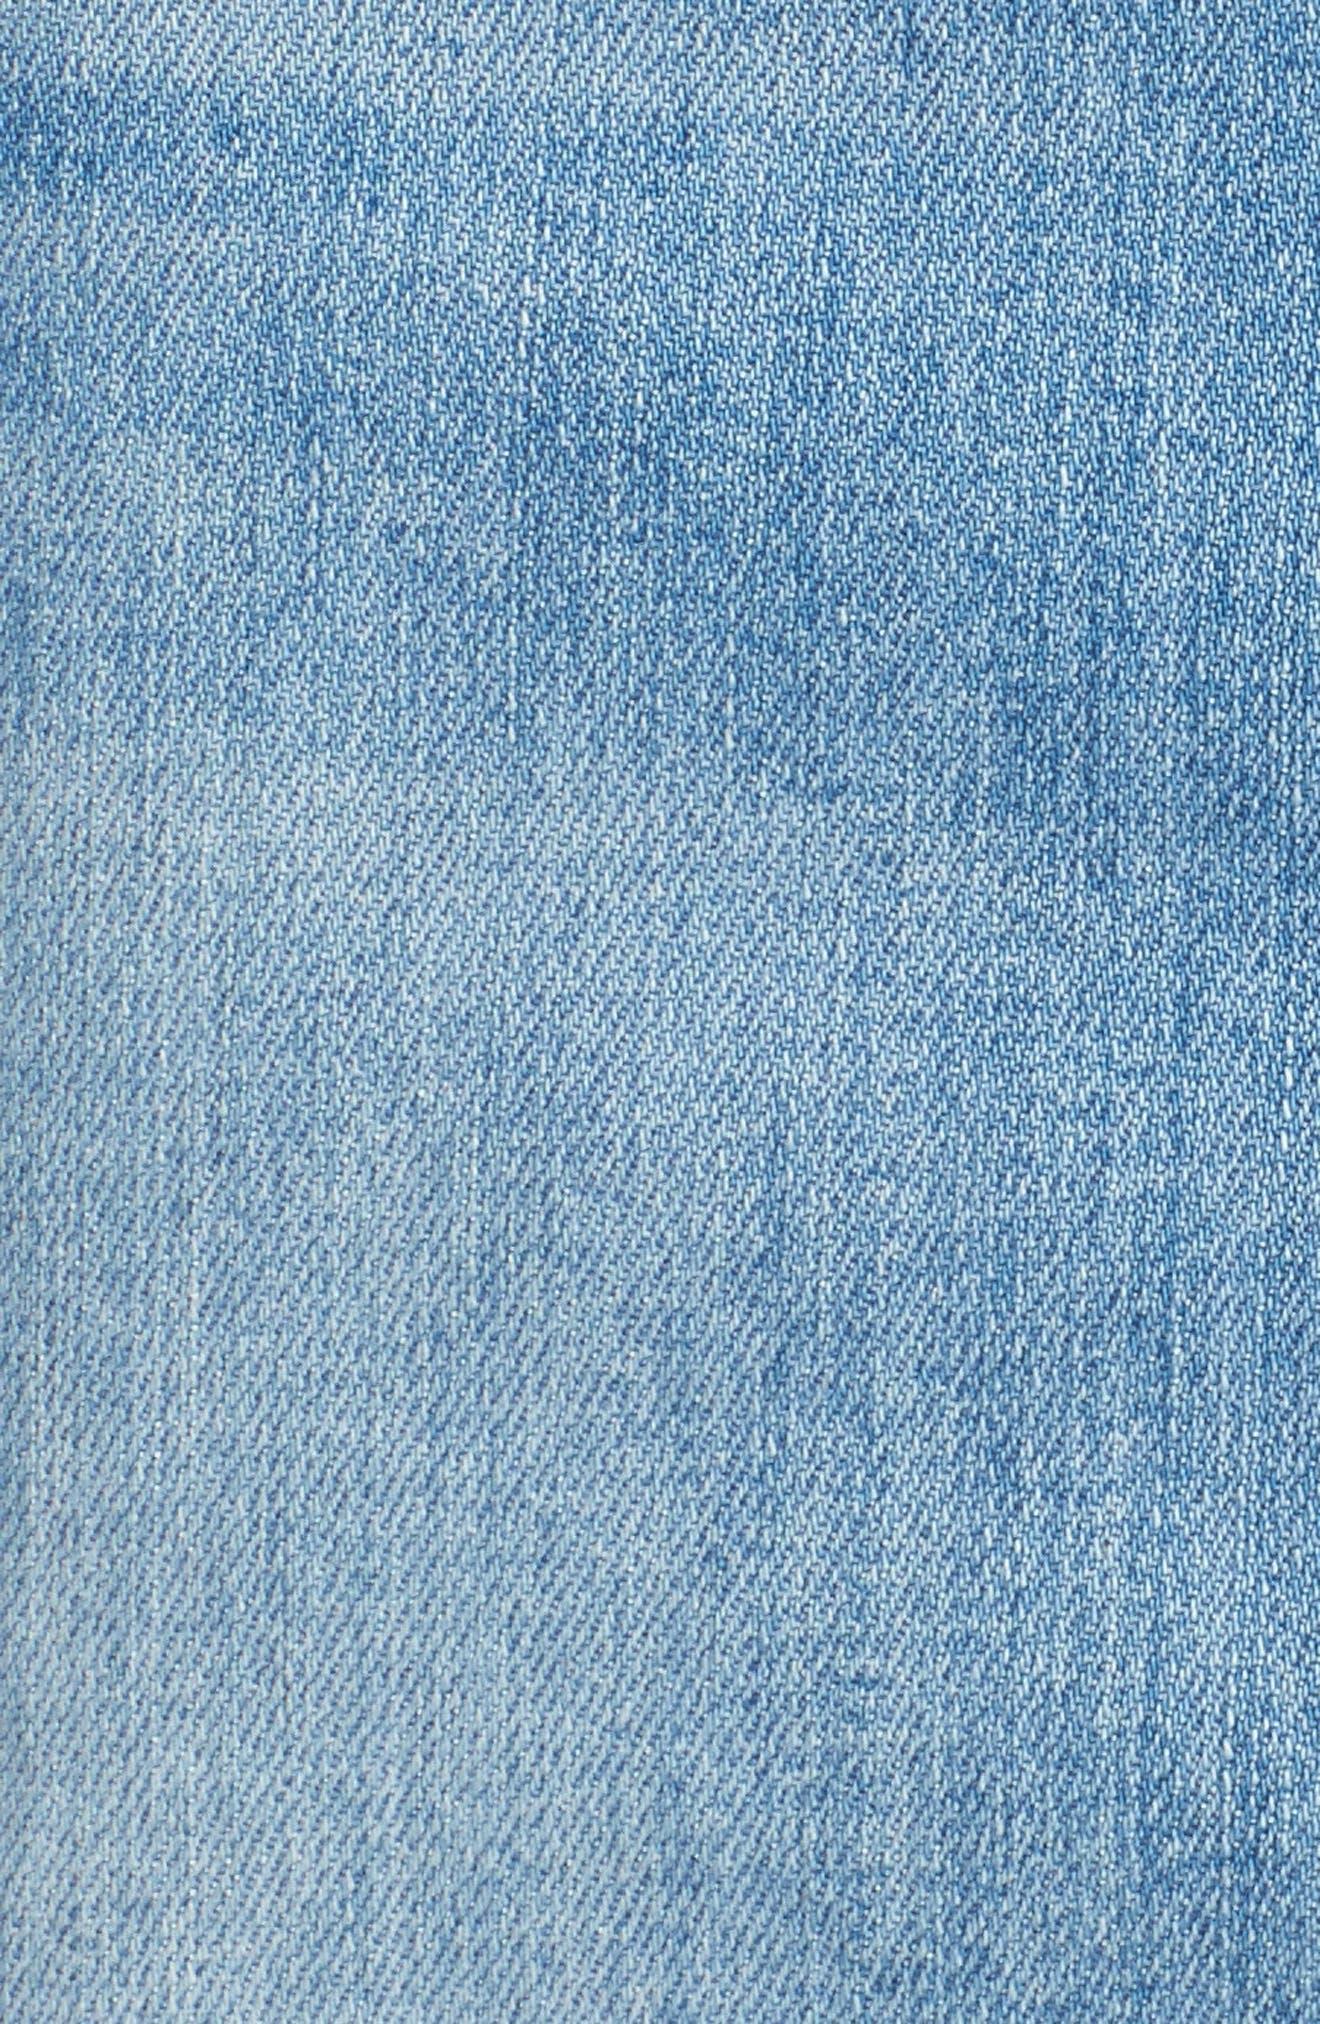 Patchwork Denim Skirt,                             Alternate thumbnail 5, color,                             400